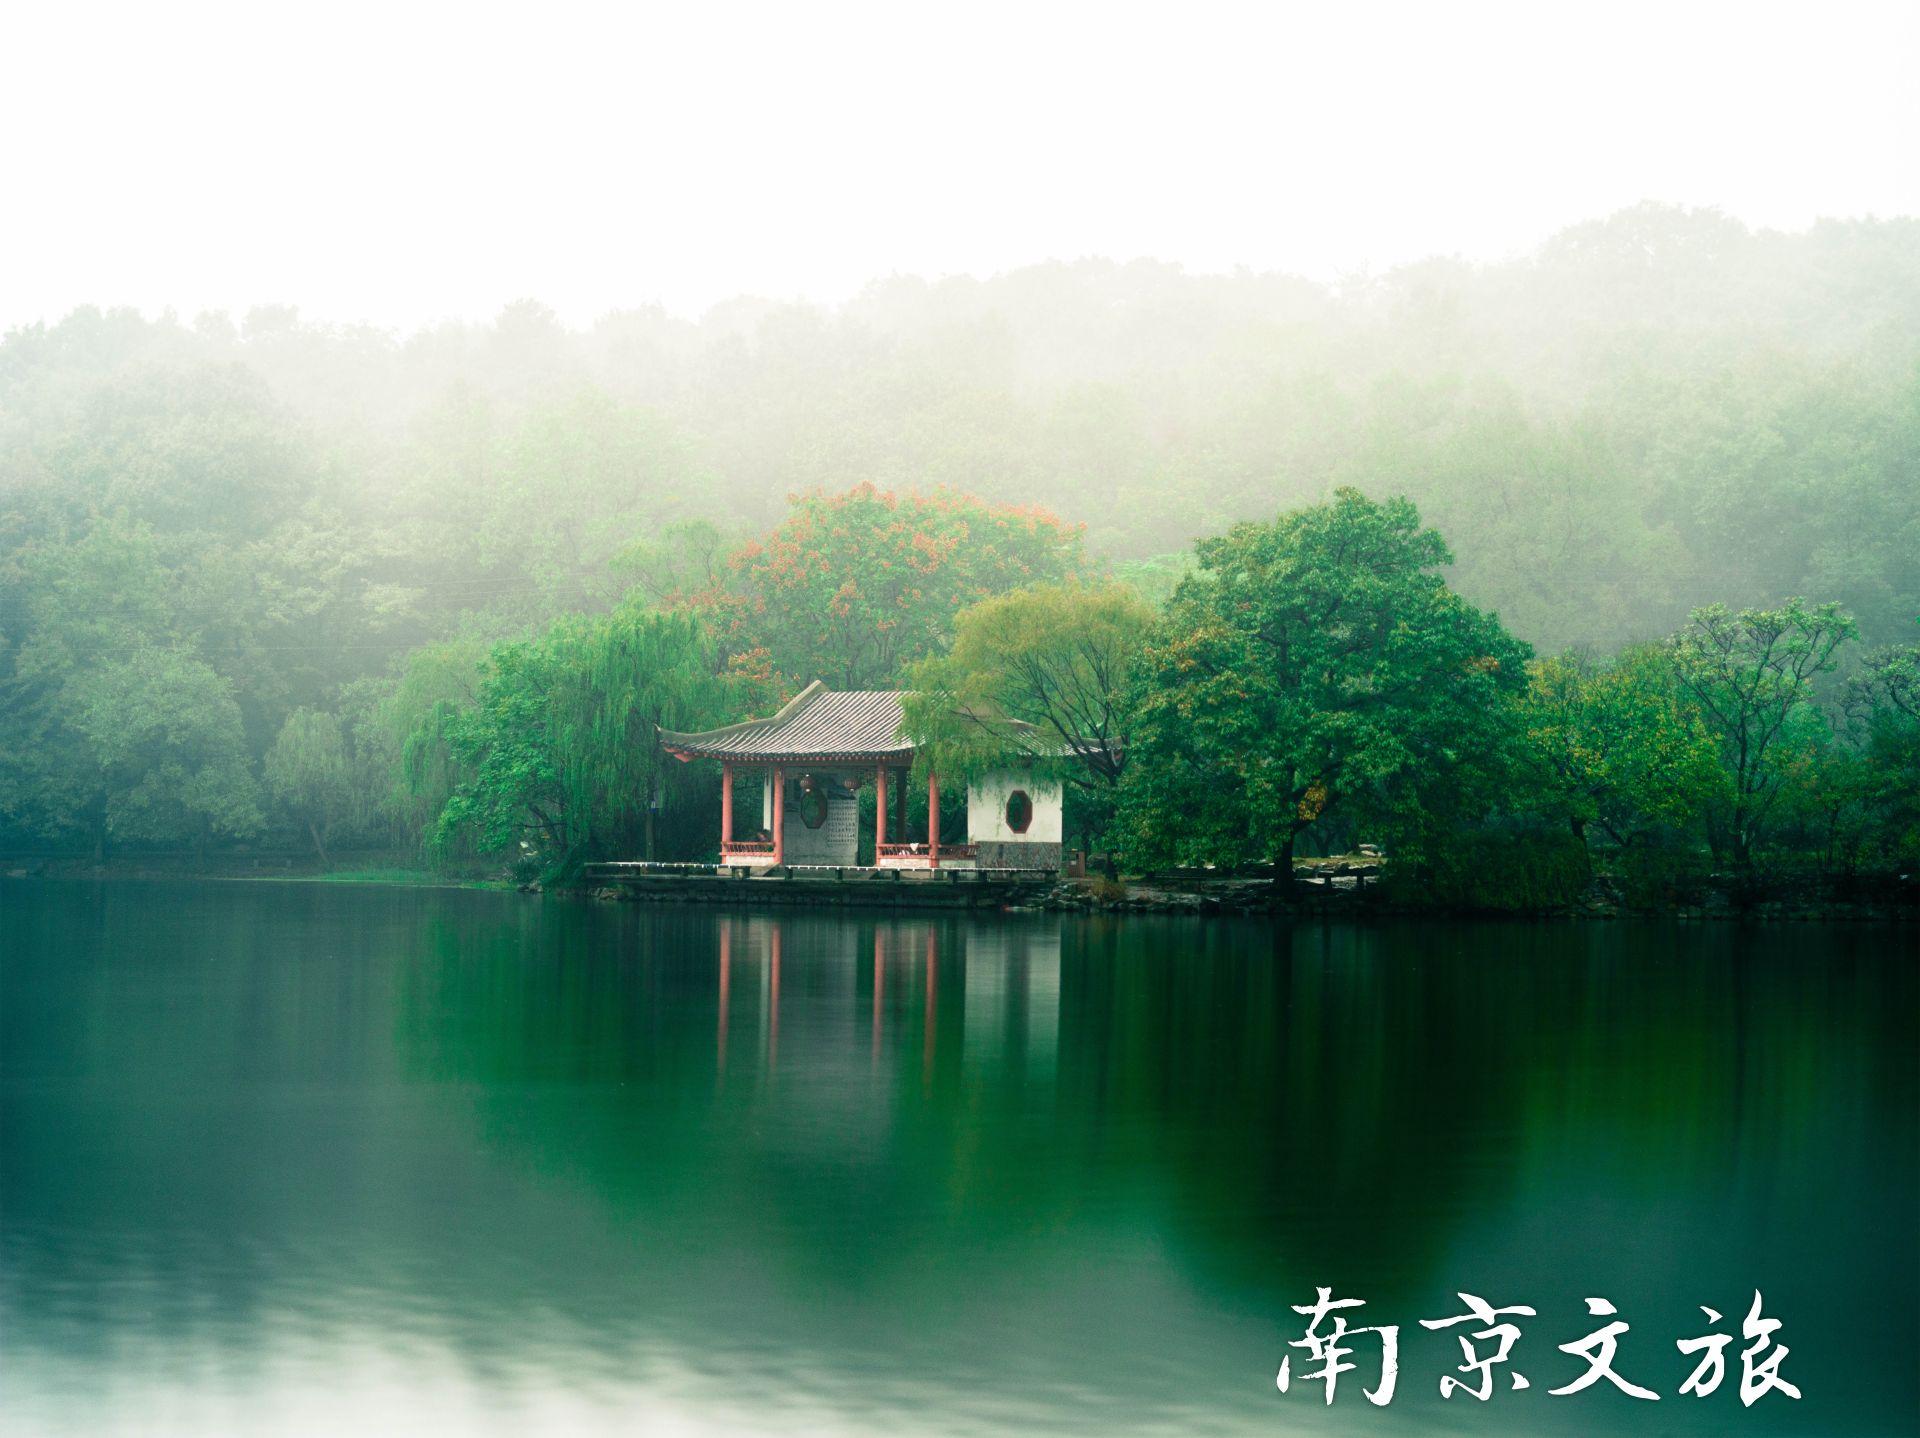 Zixia Lake, Nanjing